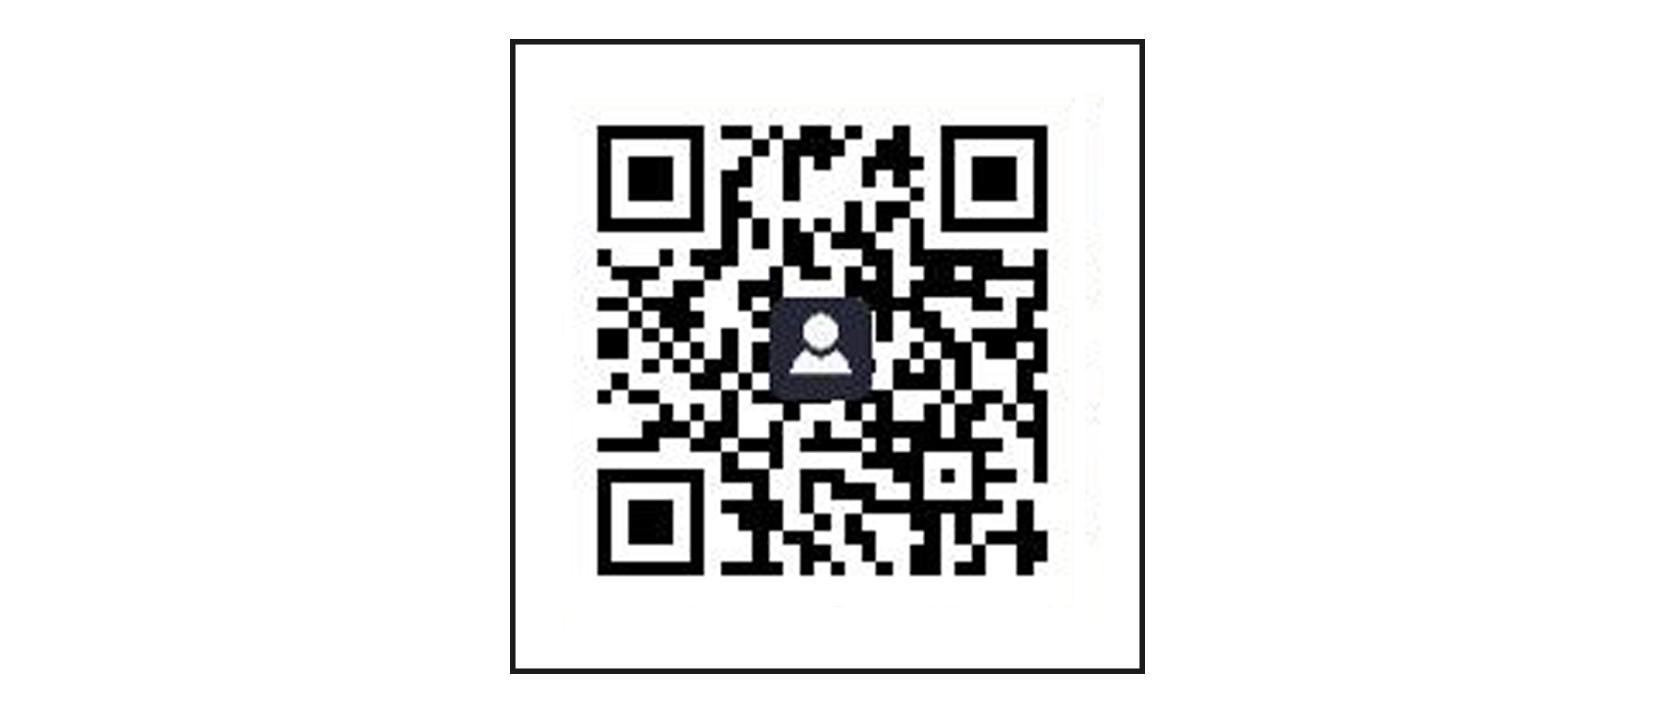 1567663015380077449.jpg